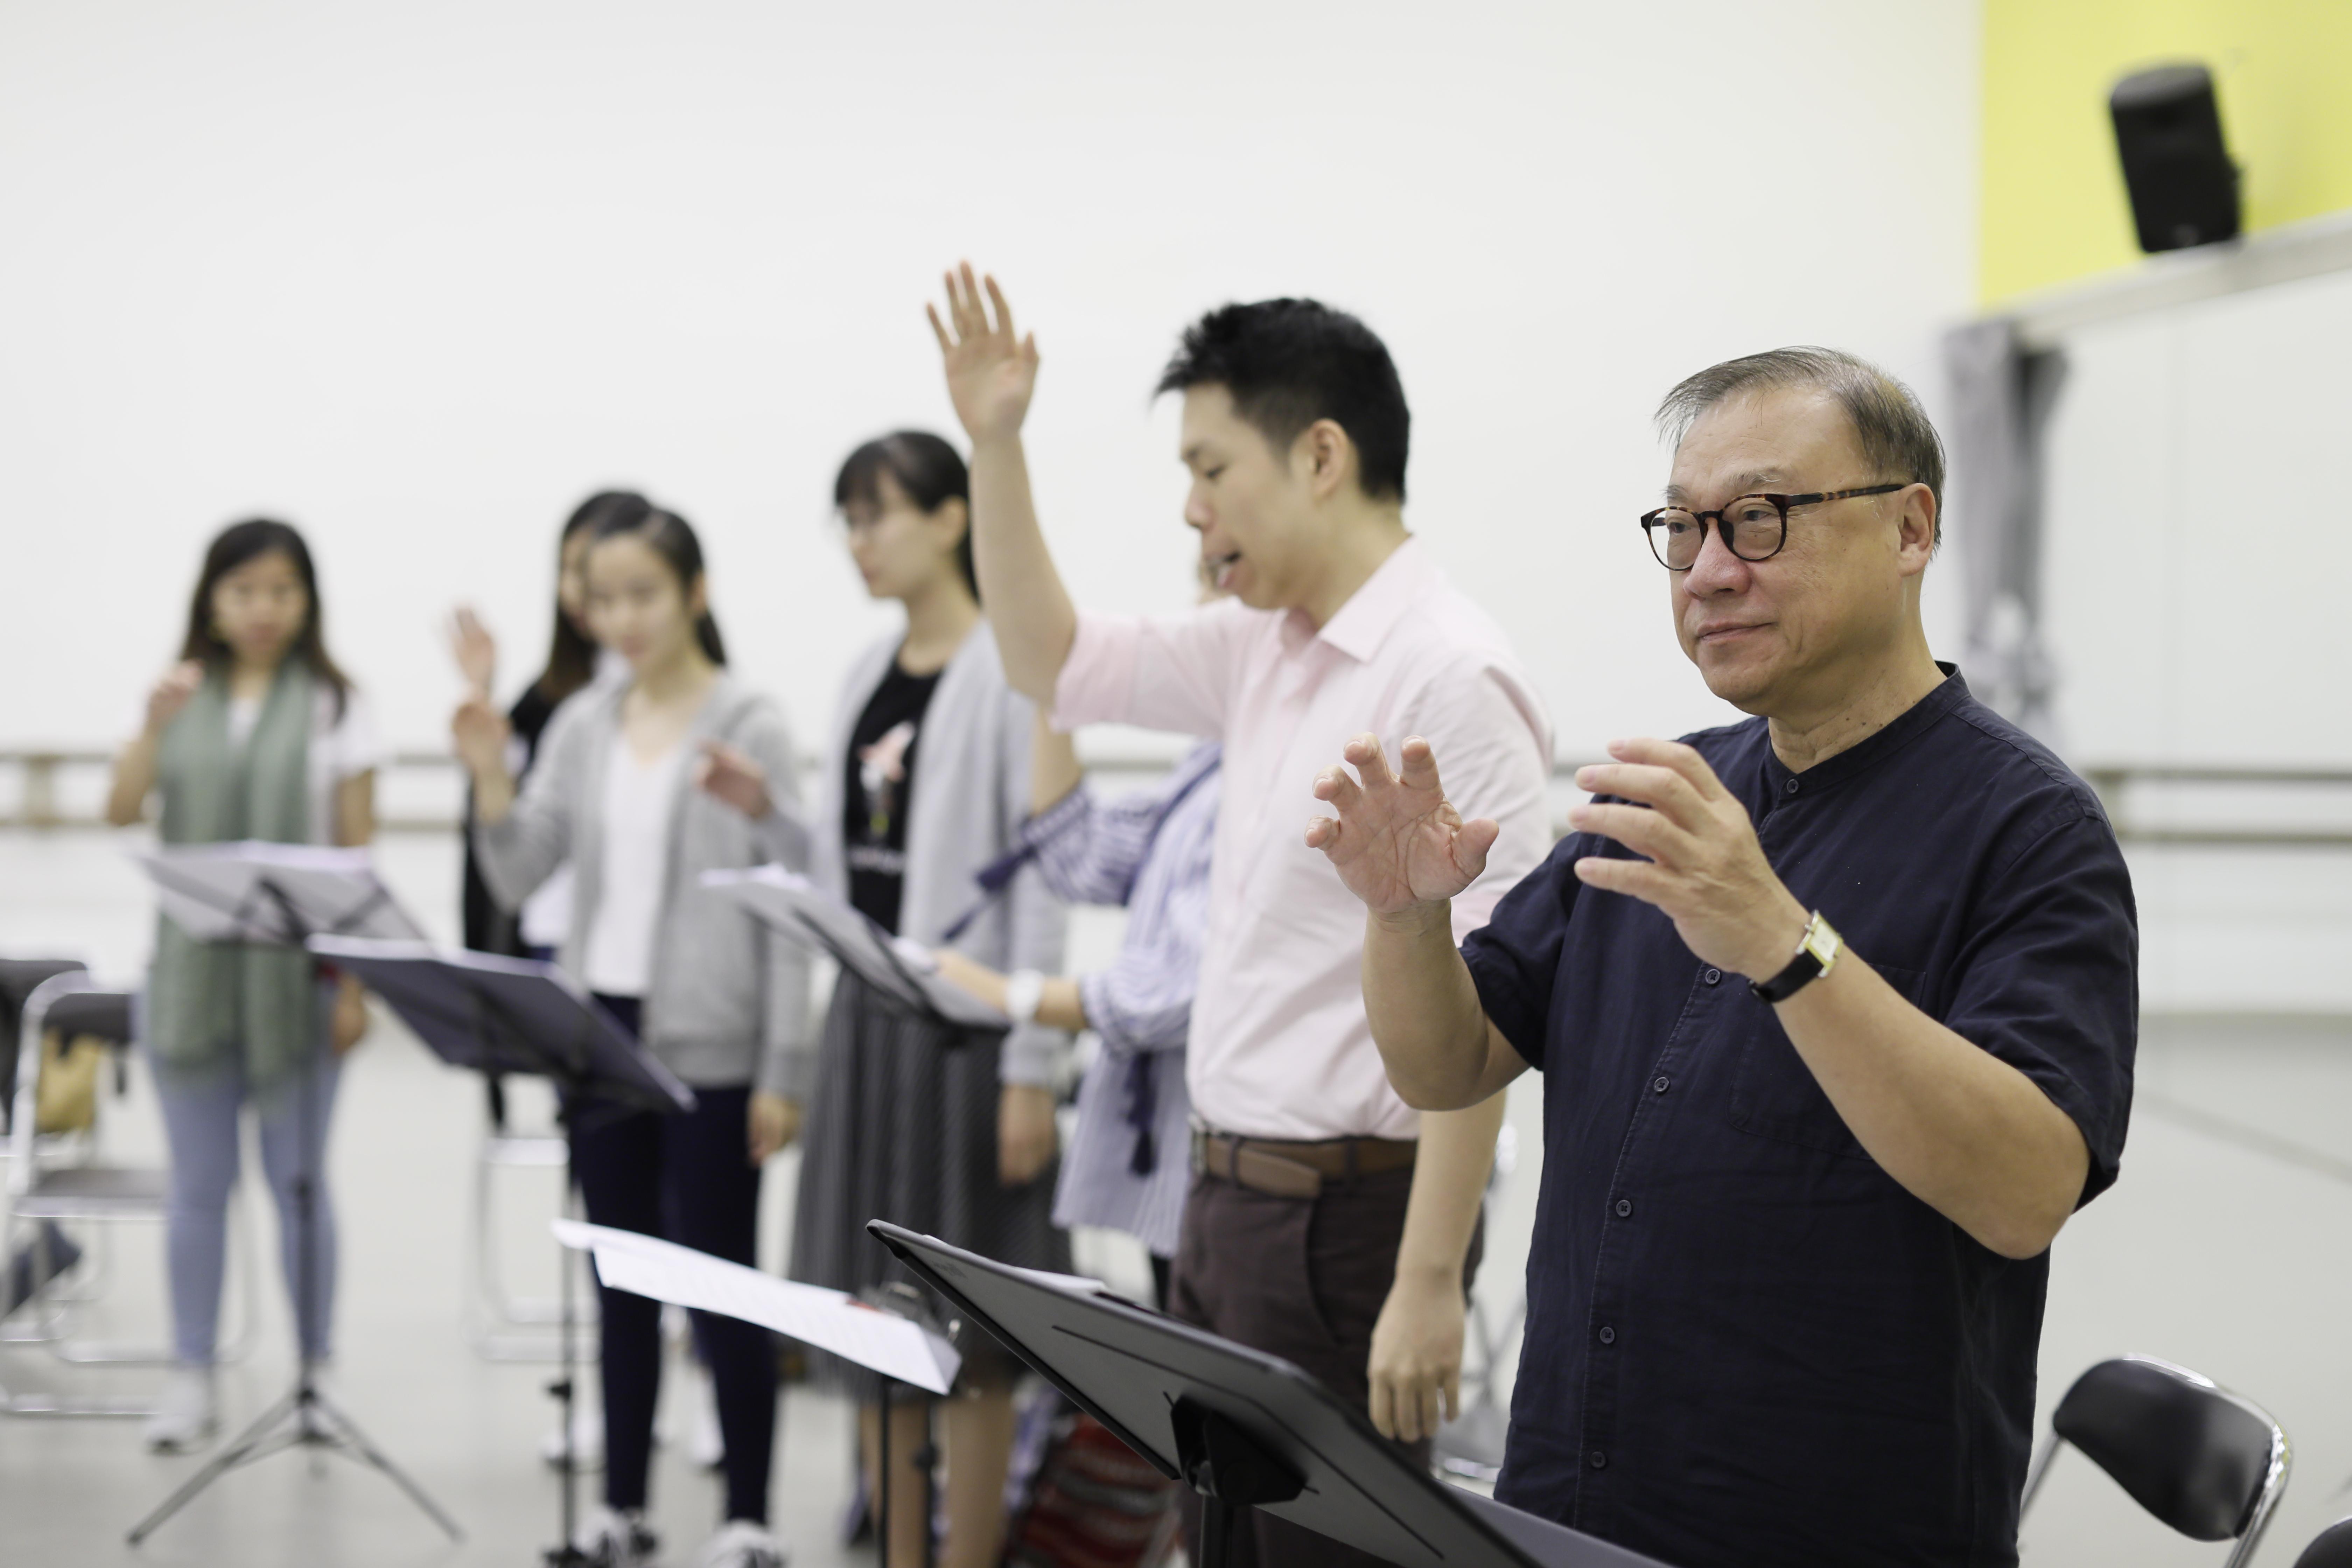 合唱指揮及排練證書課程